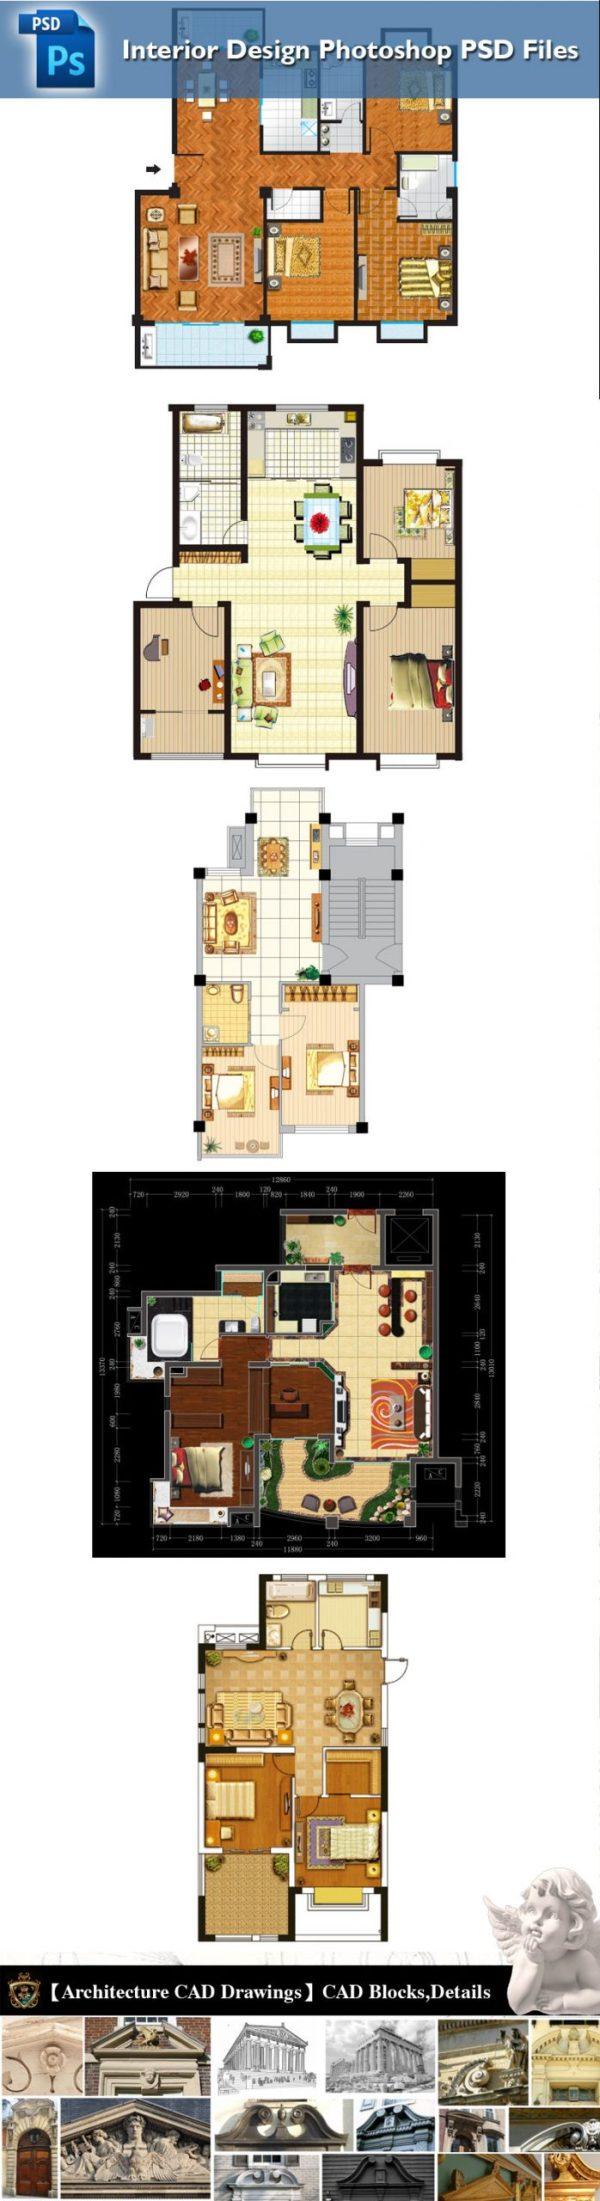 PSD檔案格式集合住宅平面配置圖、各種戶型平面配置PSD檔、大樓公寓配置圖PSD檔、小區景觀配置PSD檔、公設景觀配置圖